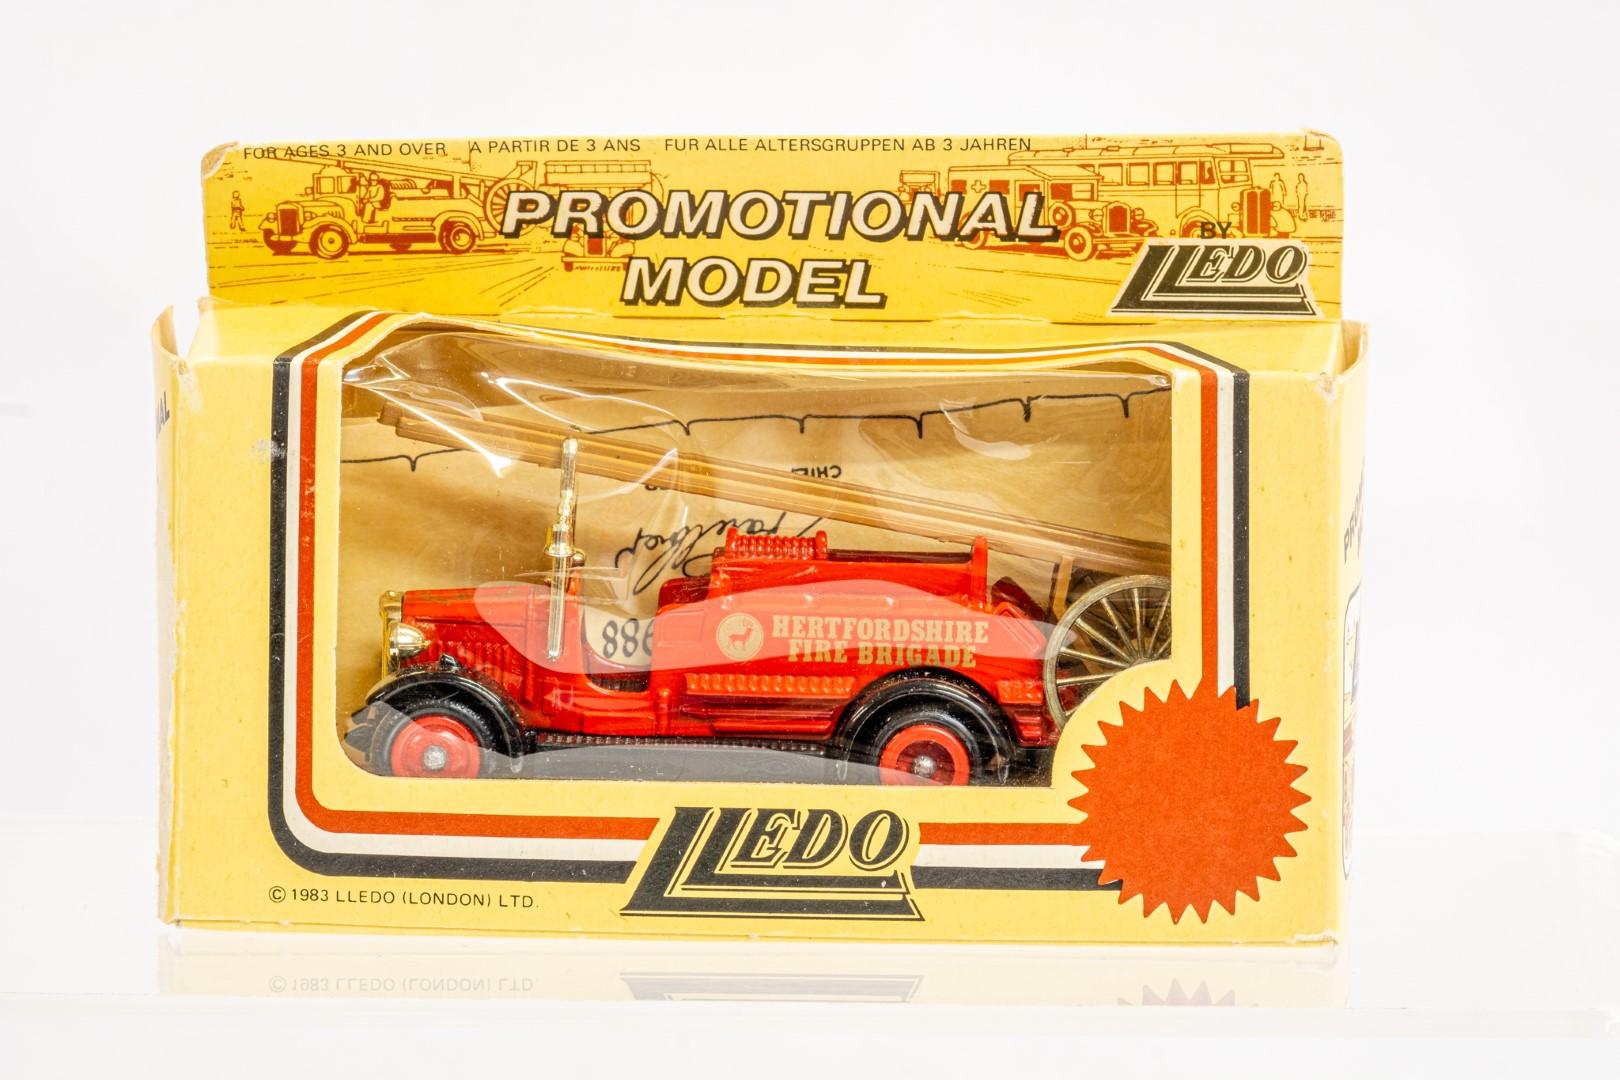 Lledo & Atlas AEC Regent III Fire Engine & Herts Fire Brigade - Image 6 of 11